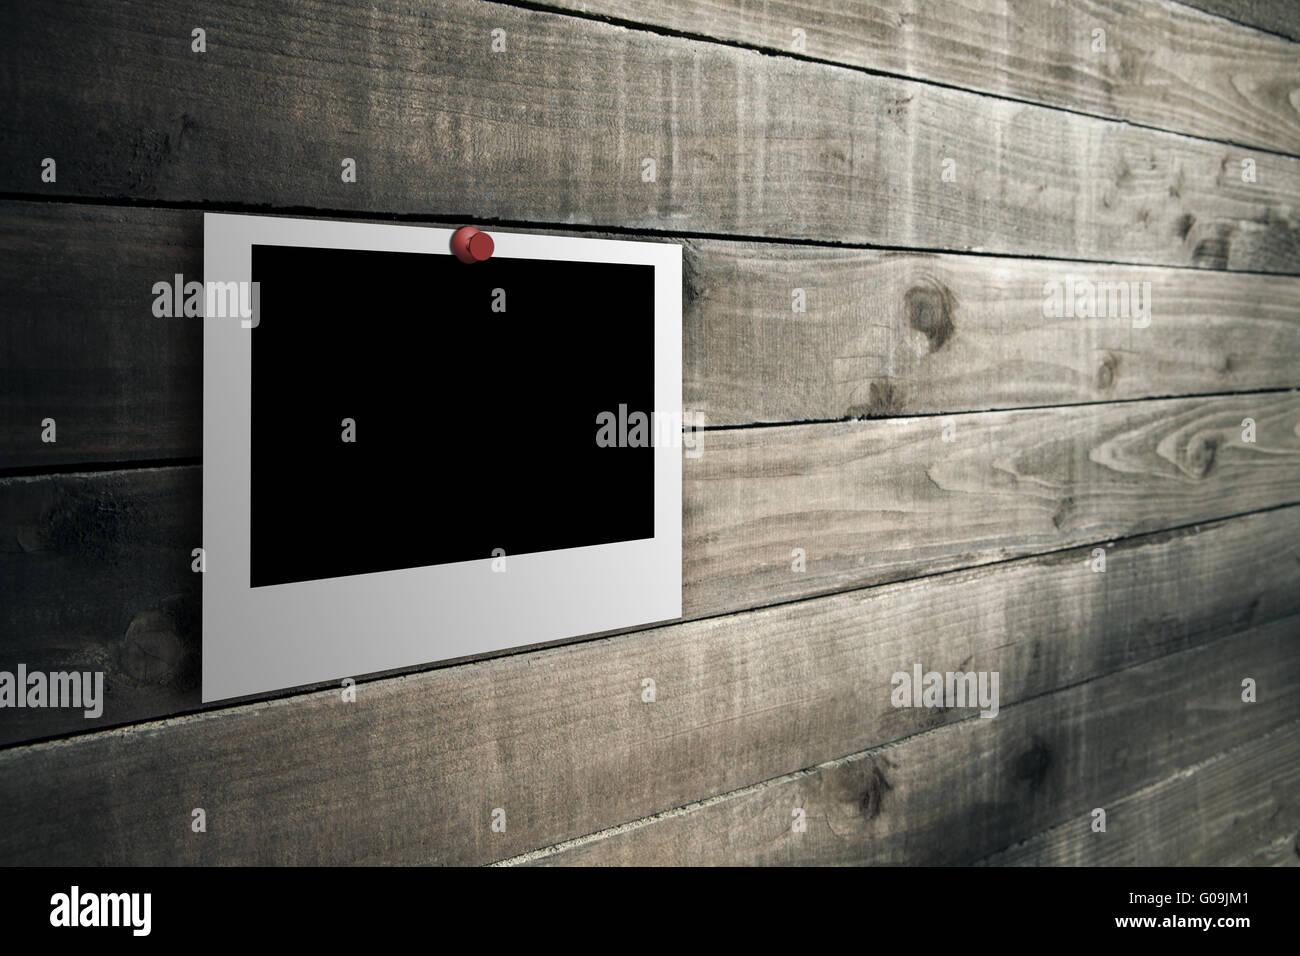 Polaroid on the wooden floor - Stock Image